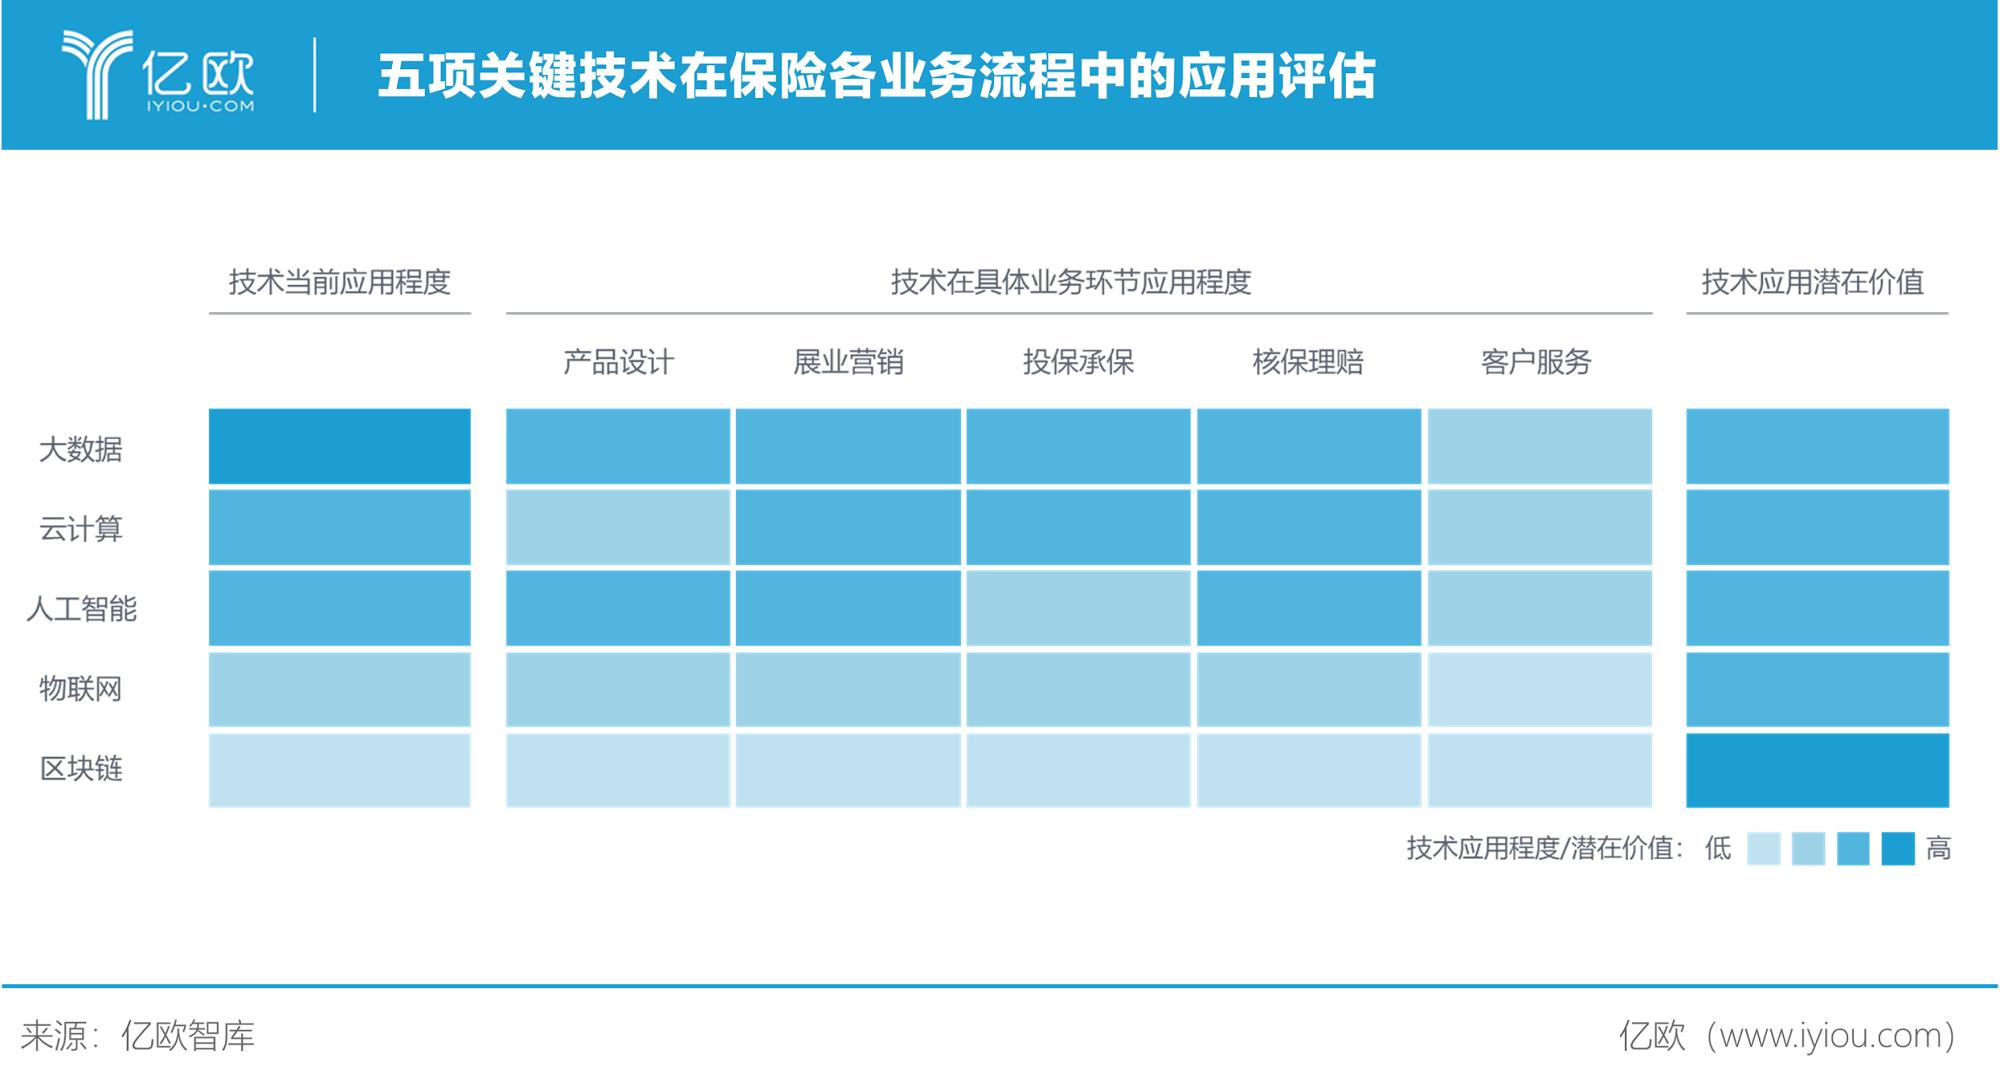 亿欧智库:五项关键技术在保险各业务流程中的应用评估